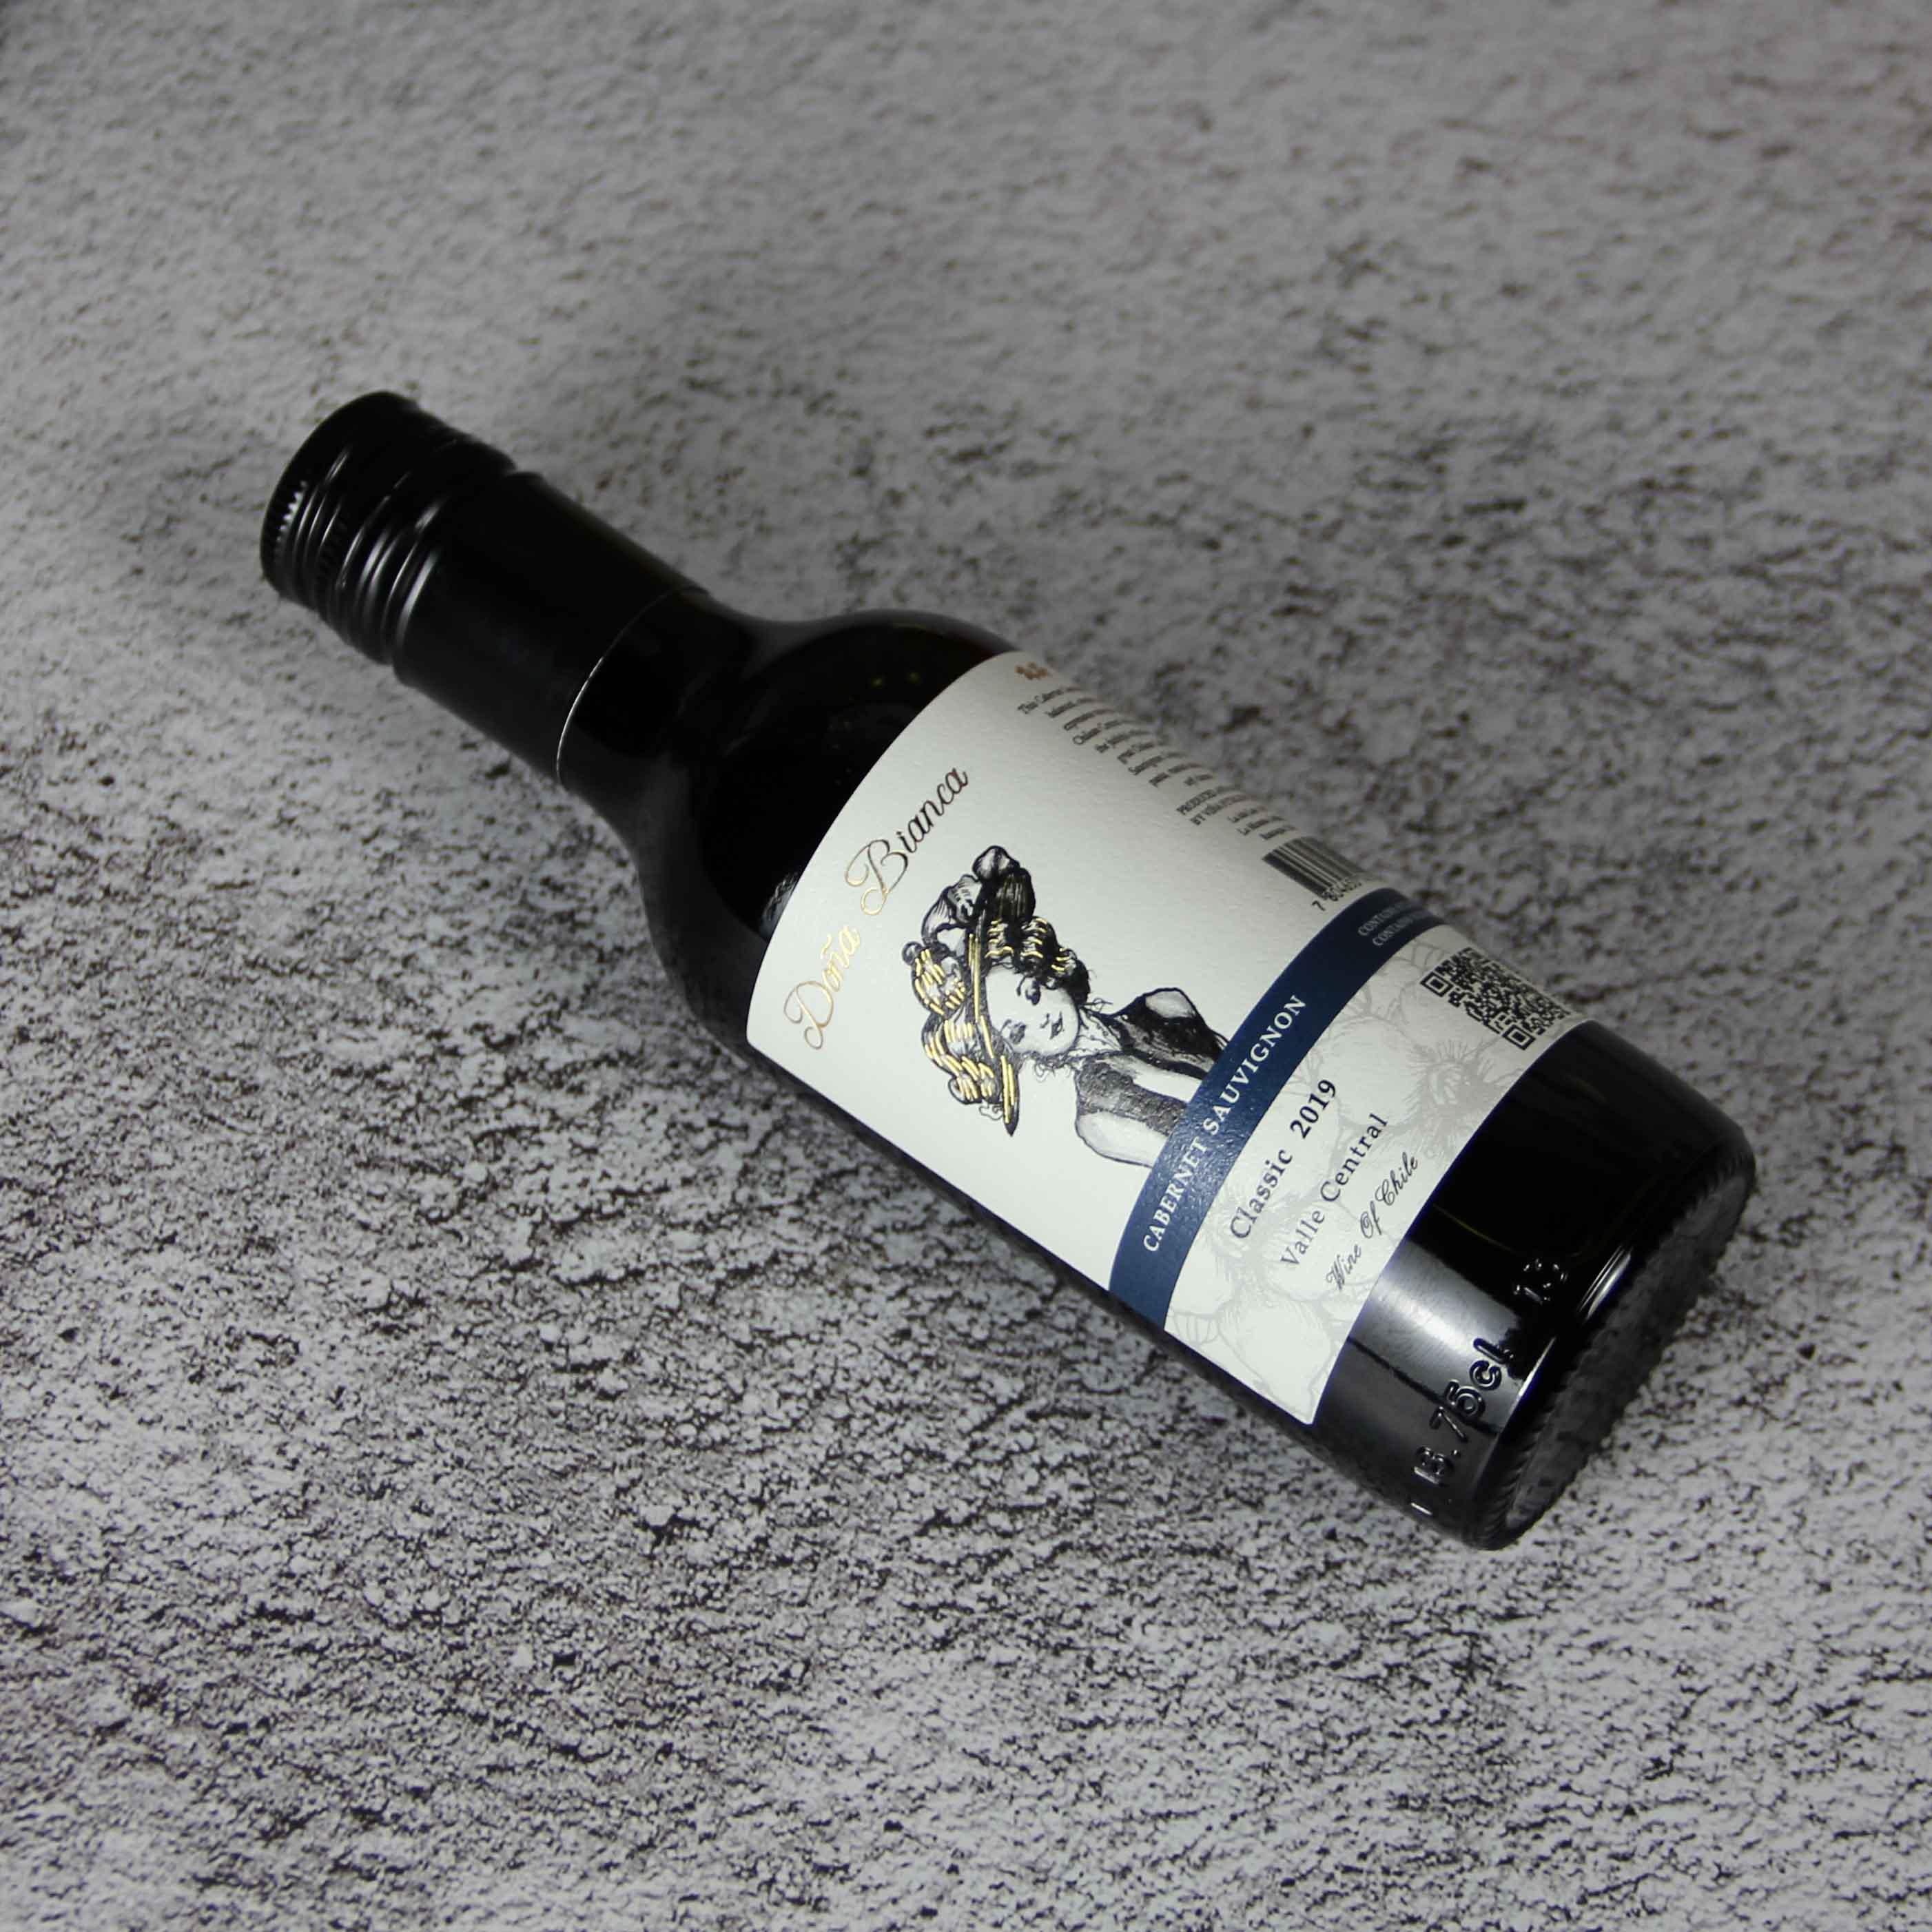 智利中央山谷DonaBianca酒庄安卡夫人赤霞珠经典干红葡萄酒187ml